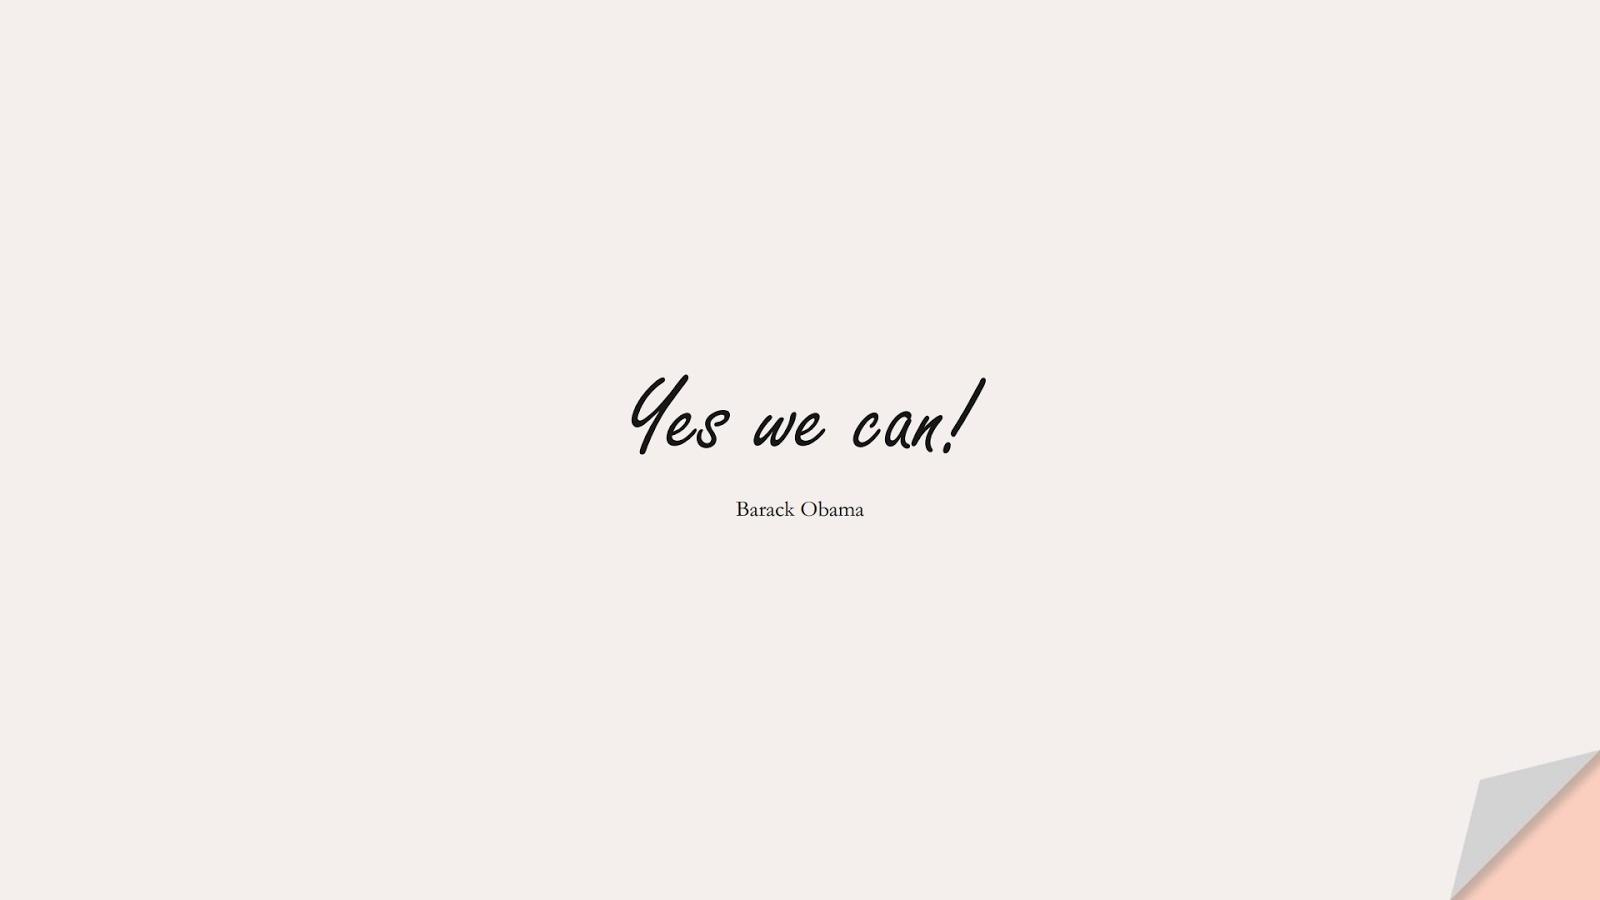 Yes we can! (Barack Obama);  #HopeQuotes